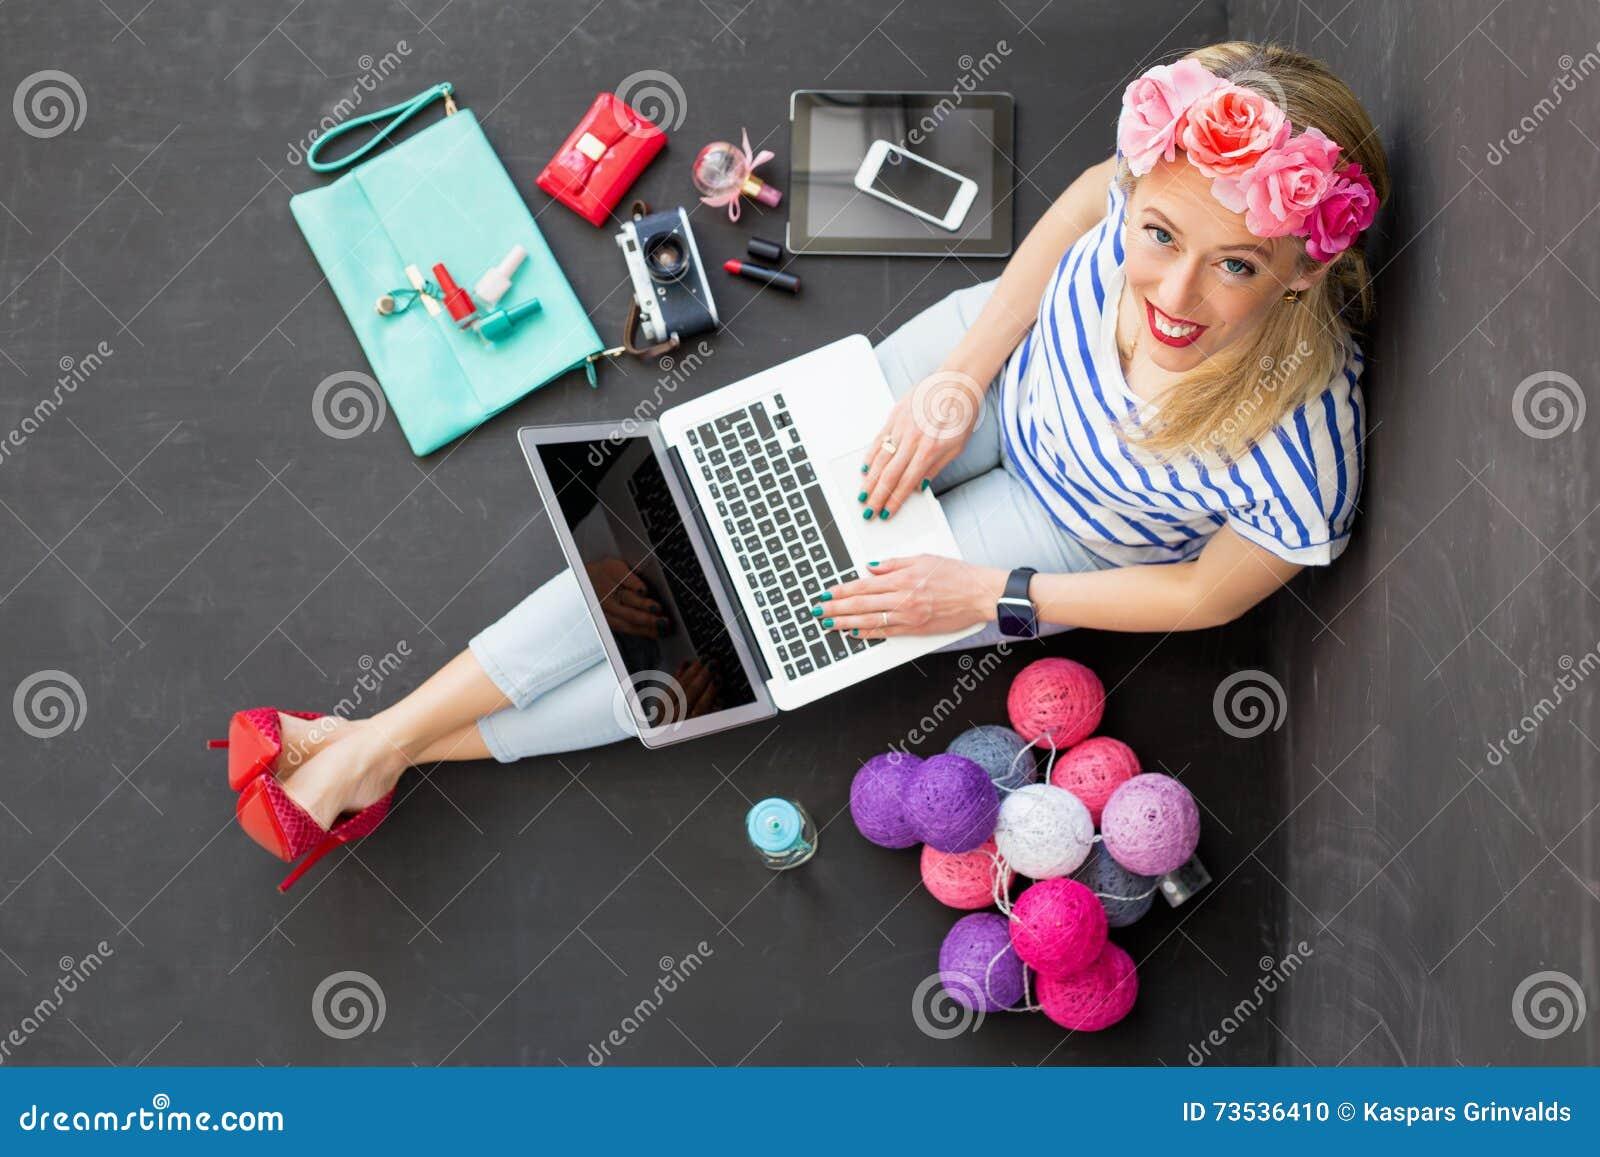 Blogger de la moda con el ordenador que mira para arriba